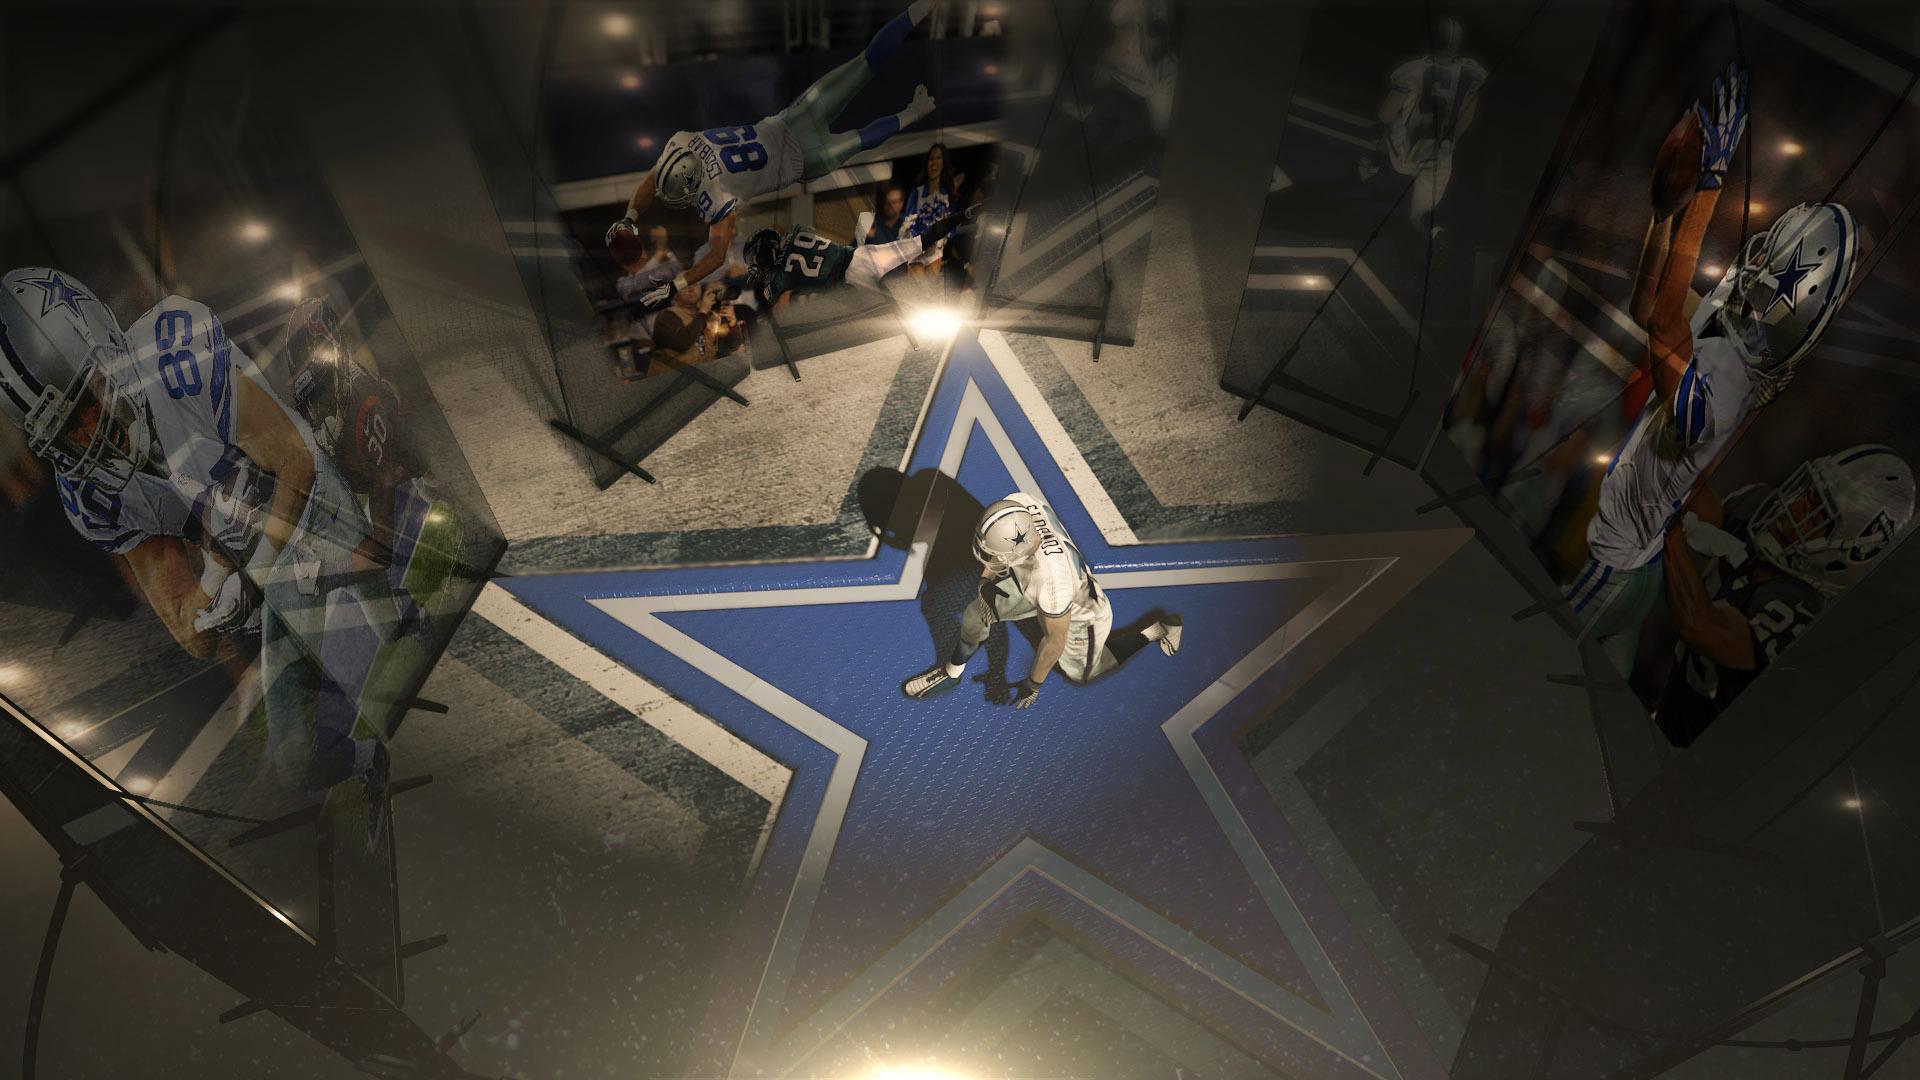 3d Cube Live Wallpaper Apk Dallas Cowboys Live Wallpapers 25 Wallpapers Adorable